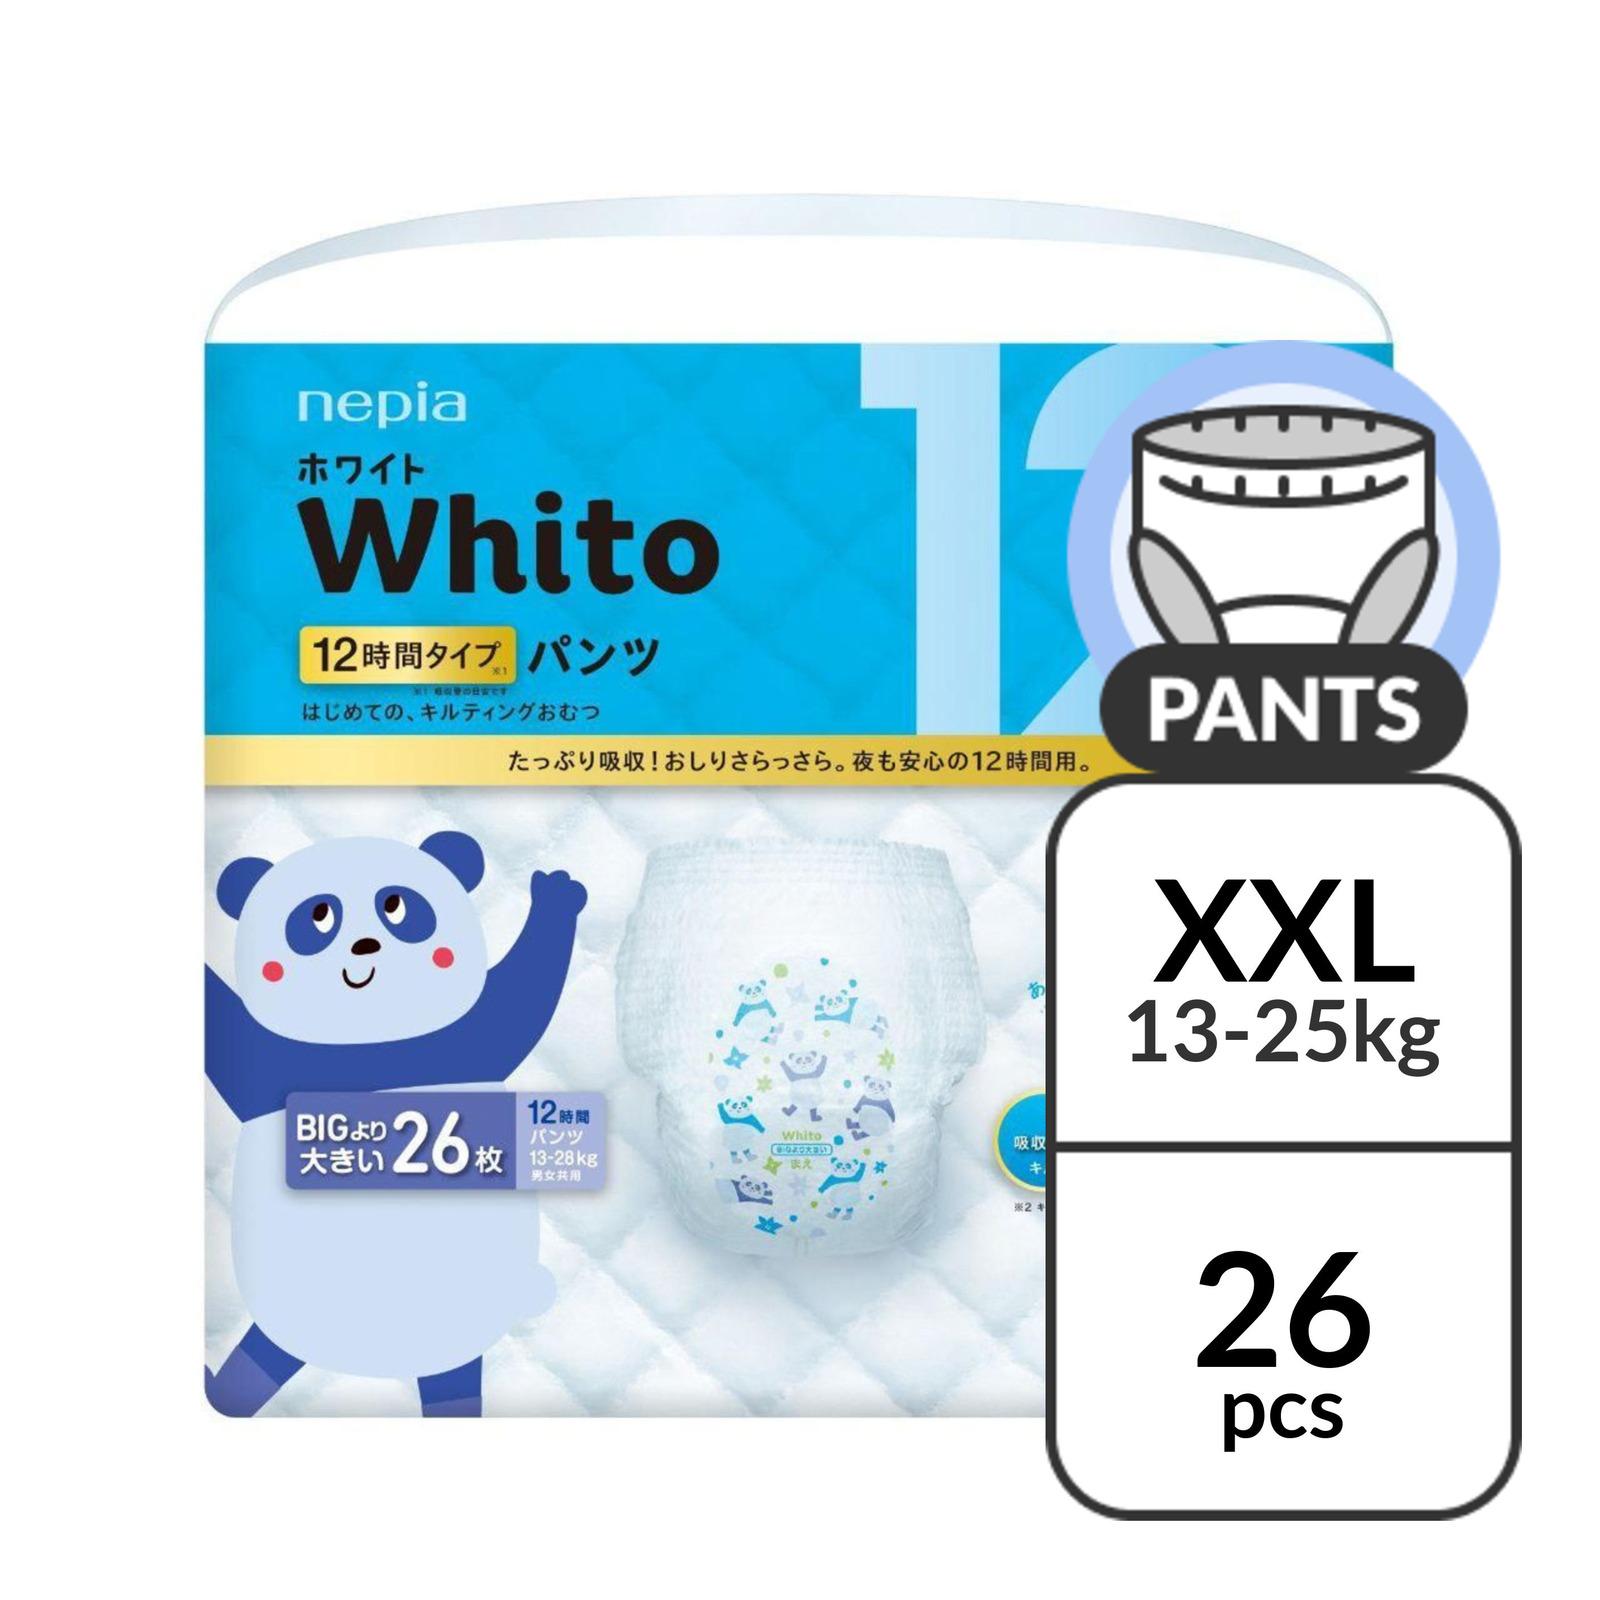 Nepia Whito Pants XXL 12H - (13-25kg) 26 pc